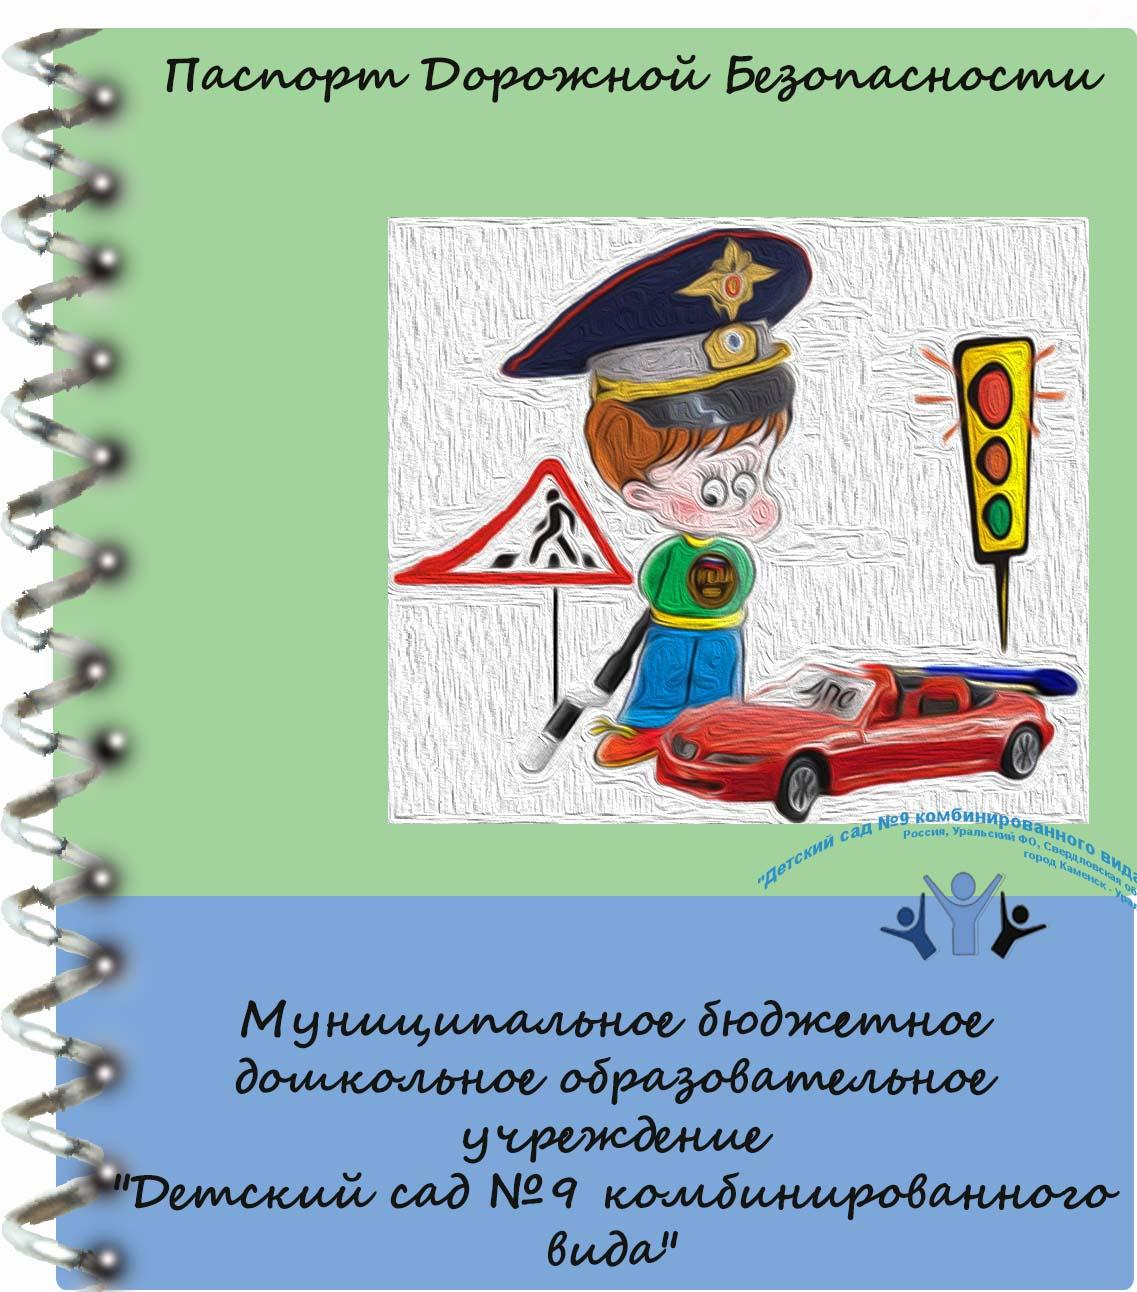 паспорт дорожной безопасности образец 2015